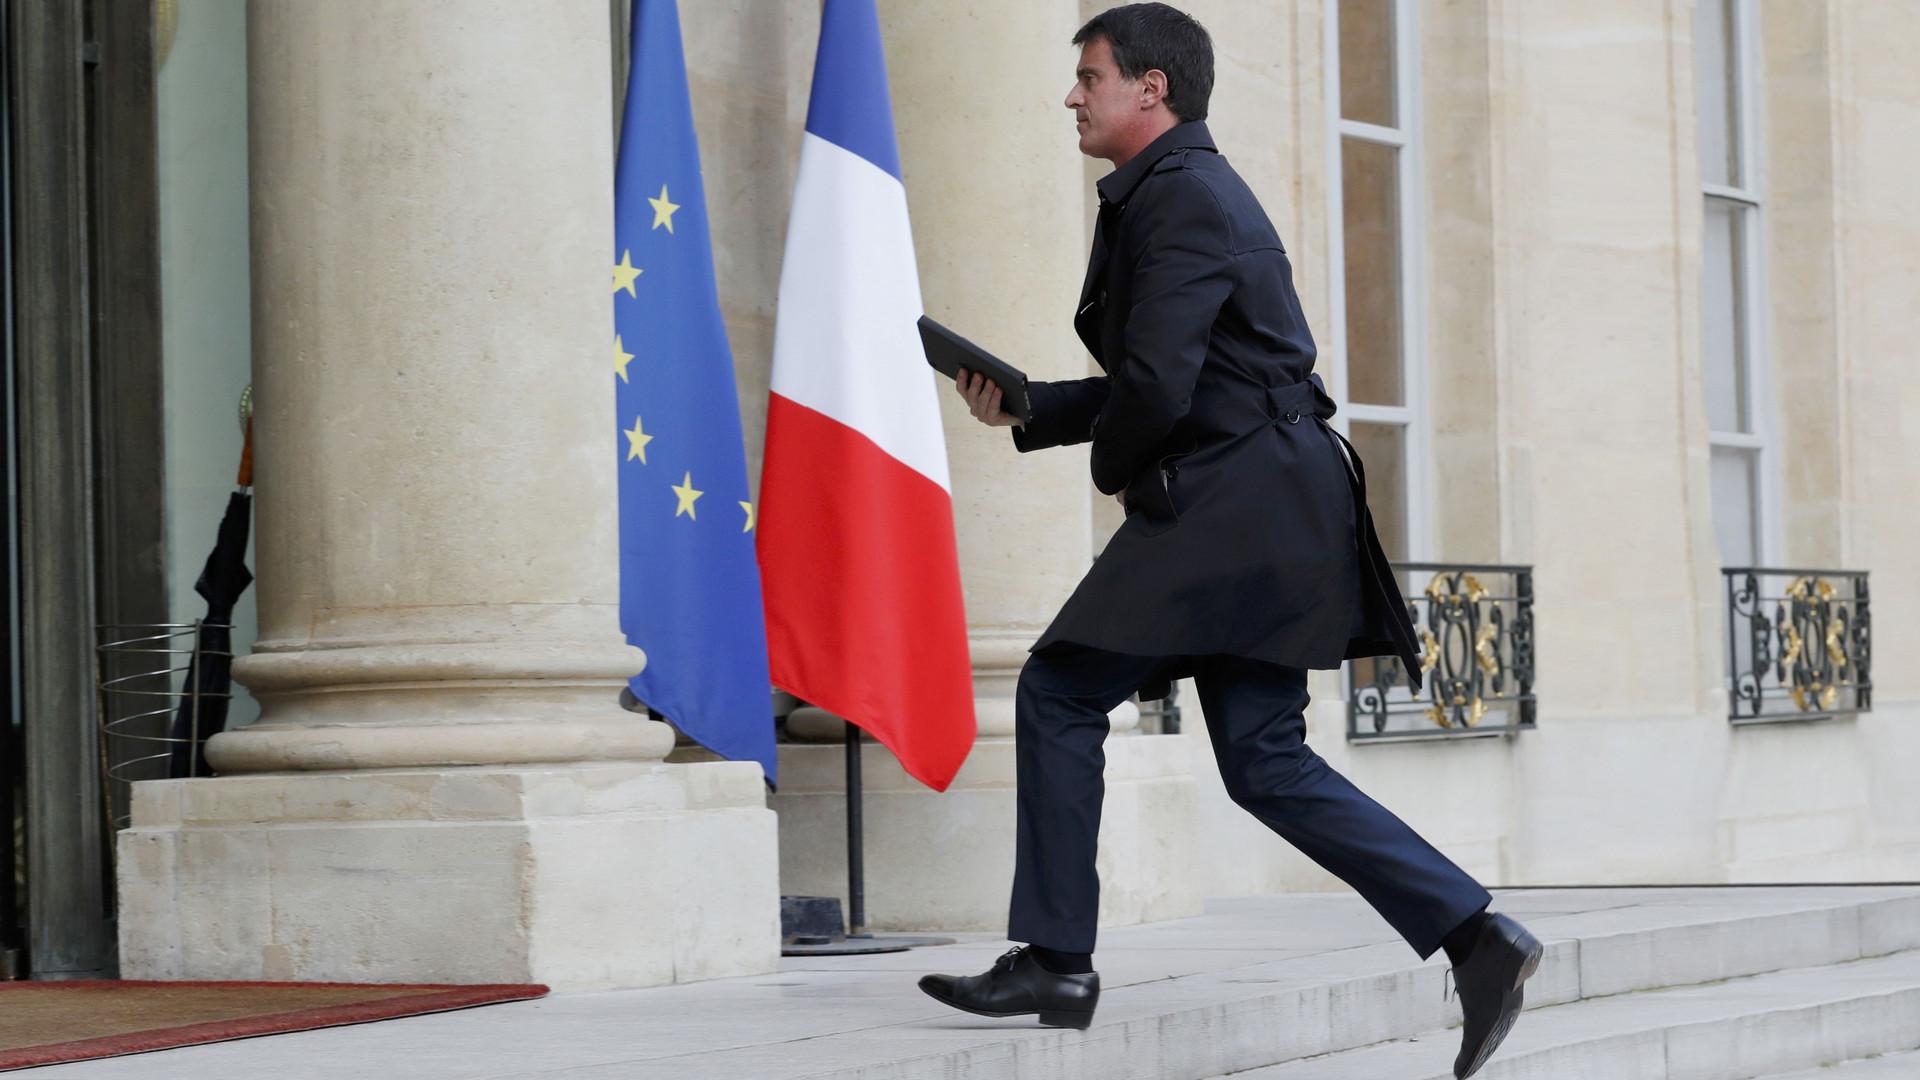 «Итак, я кандидат»: Мануэль Вальс выдвинулся на пост президента Франции